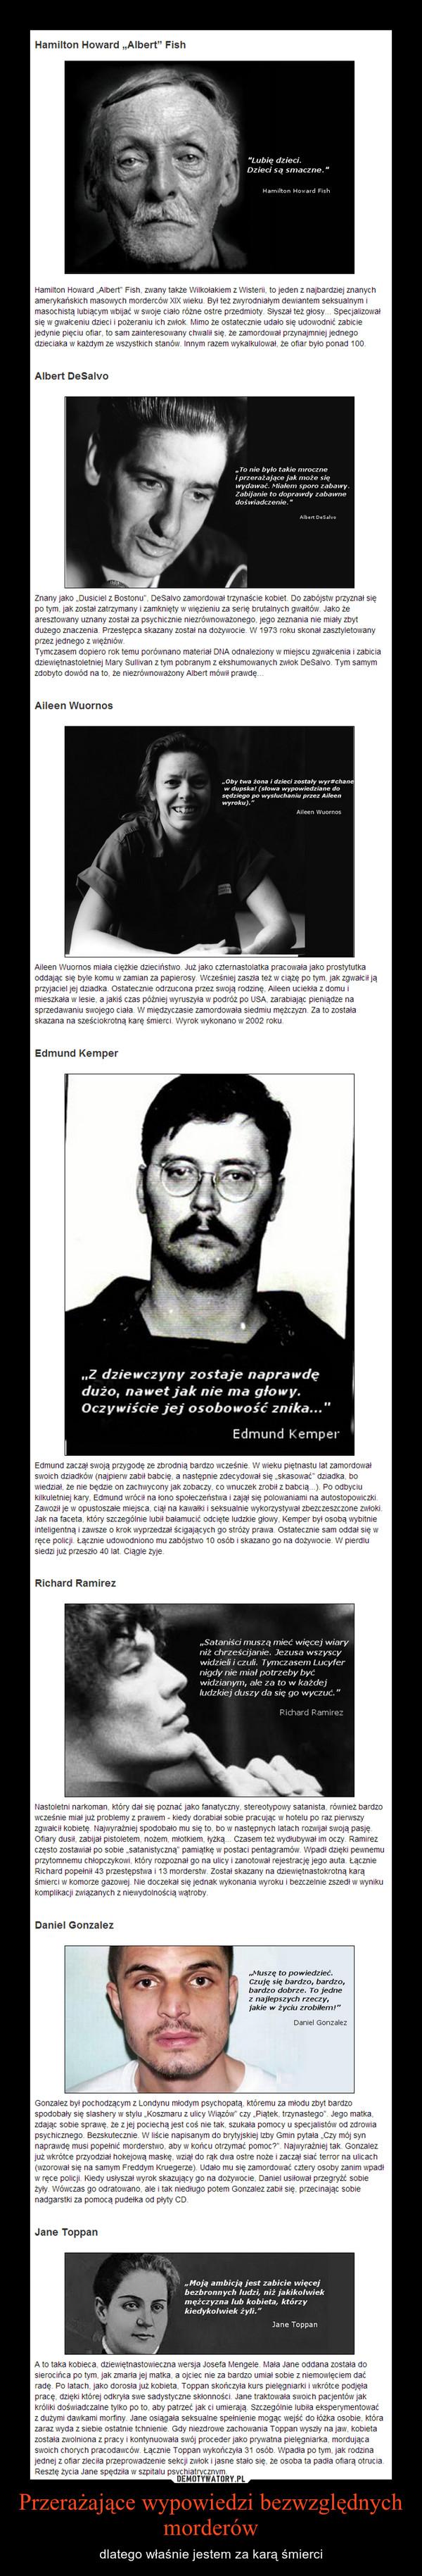 Przerażające wypowiedzi bezwzględnych morderów – dlatego właśnie jestem za karą śmierci